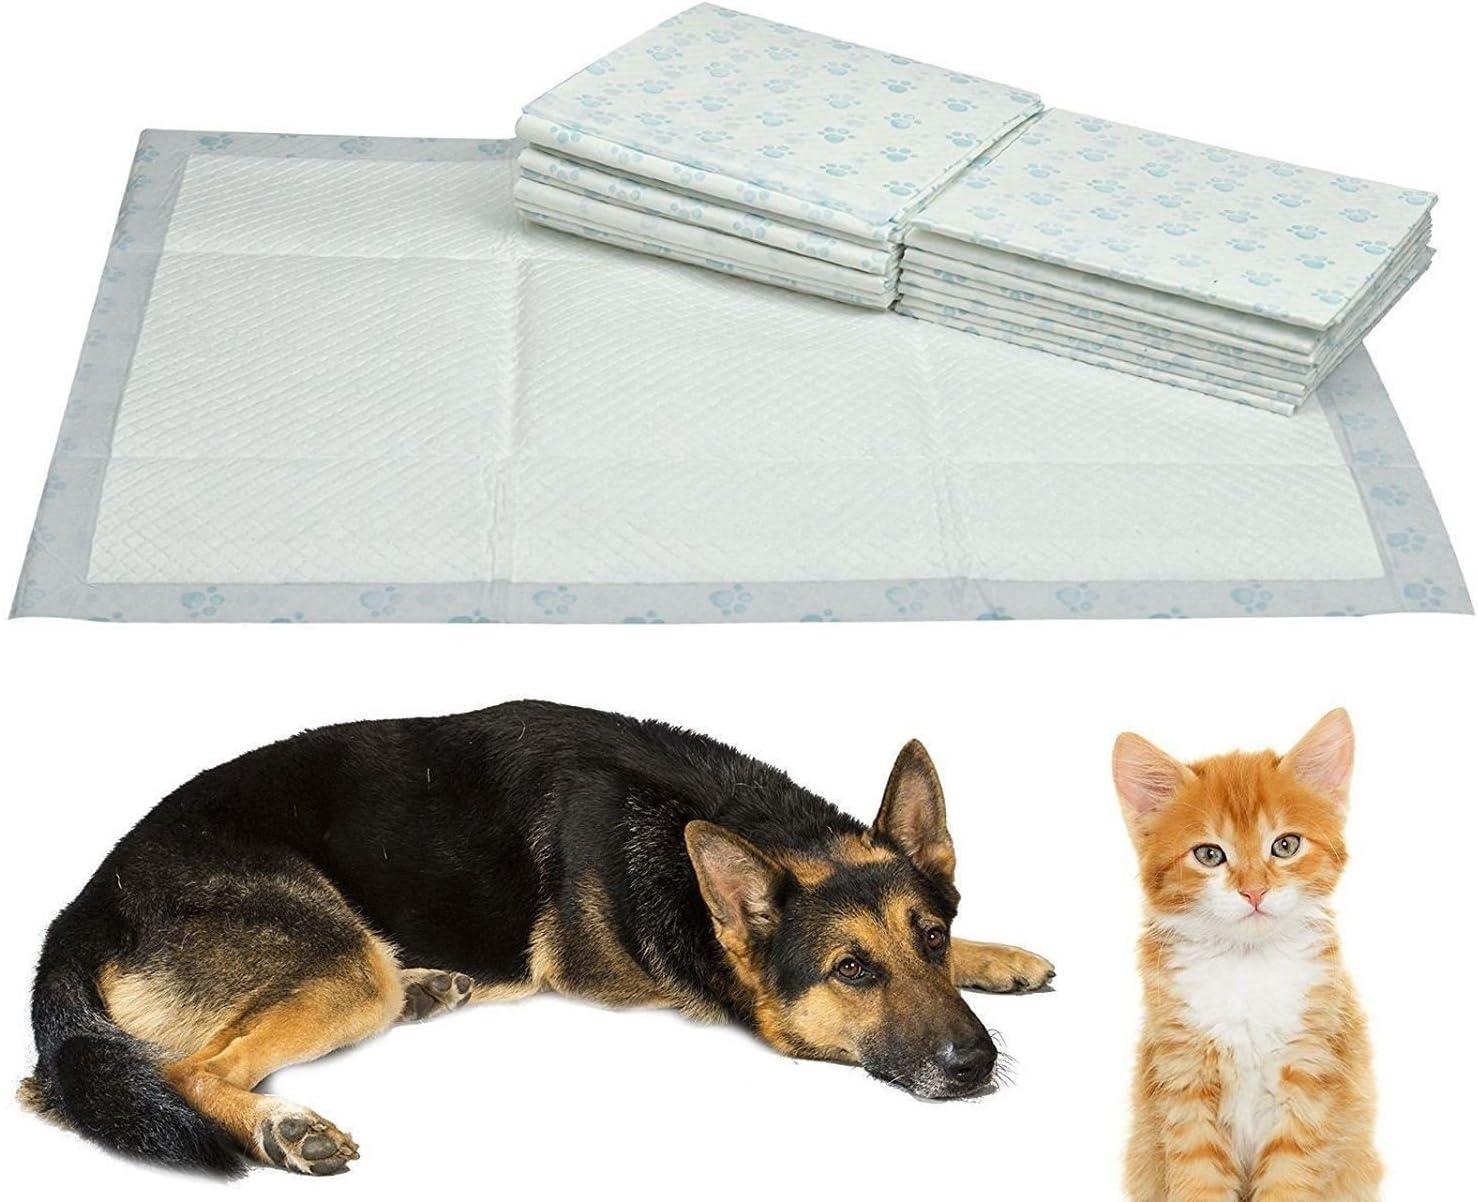 PY Trainin 100/60/x 40/cm con dise/ño de gato 60/x 40/cm Larg Trainer tren Ppy formaci/ón almohadillas para inodoro para entrenamiento de cachorro de T T Pee W Pee Wee Mats Dog Pee Wee.. Generic.